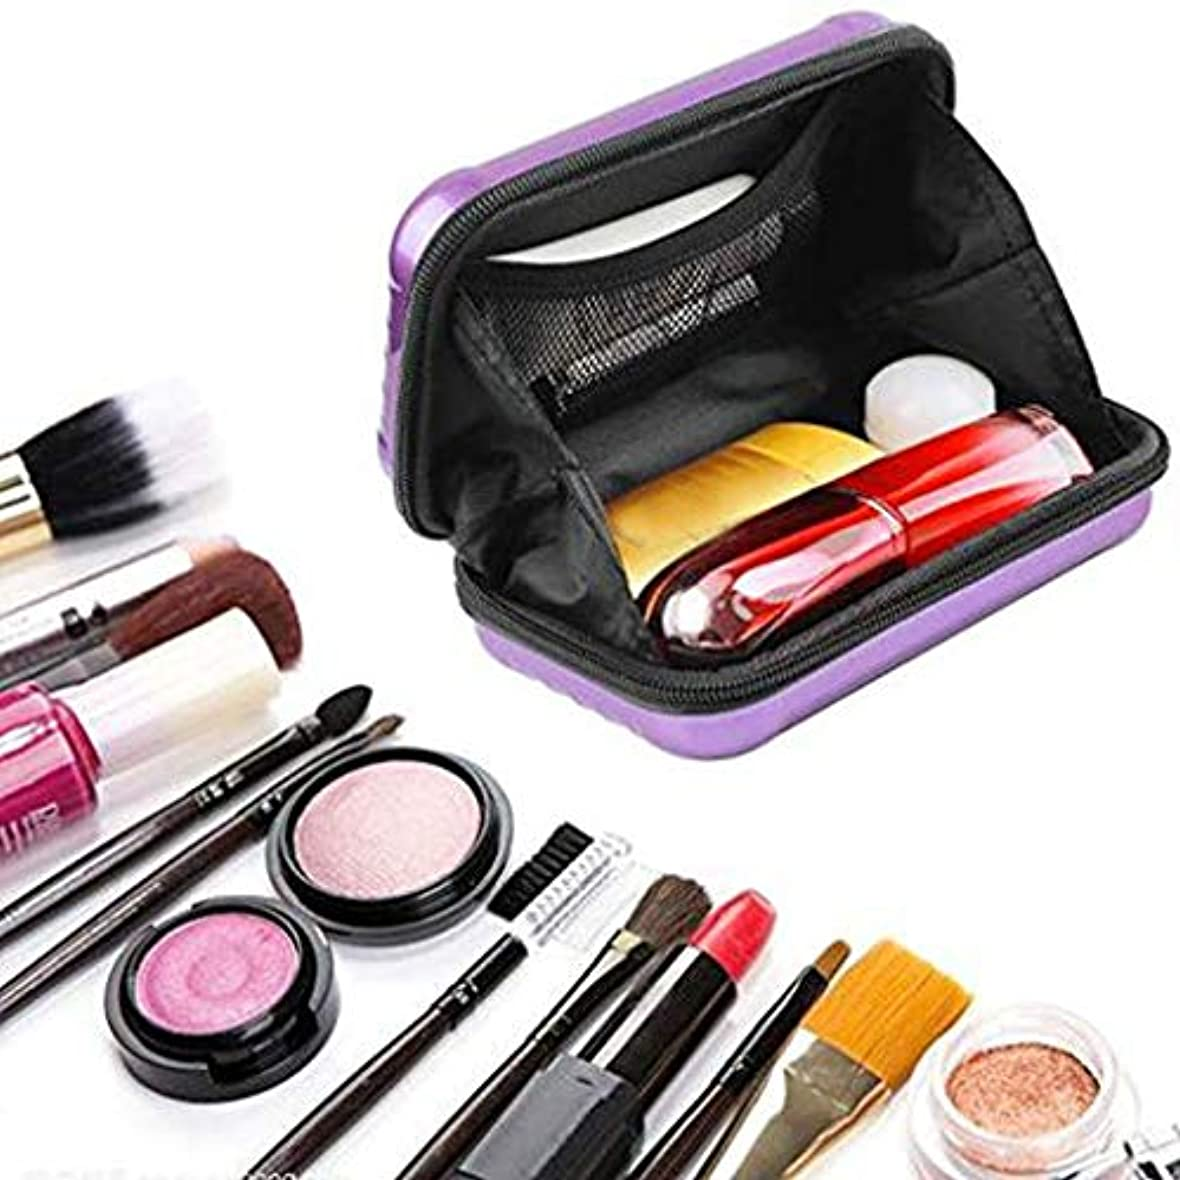 叱る決してガラガラミニポータブル旅行化粧品バッグ、女性のための防水/クラッシュ防止化粧バッグ、スーツケース化粧品ハンドバッグ (紫の)